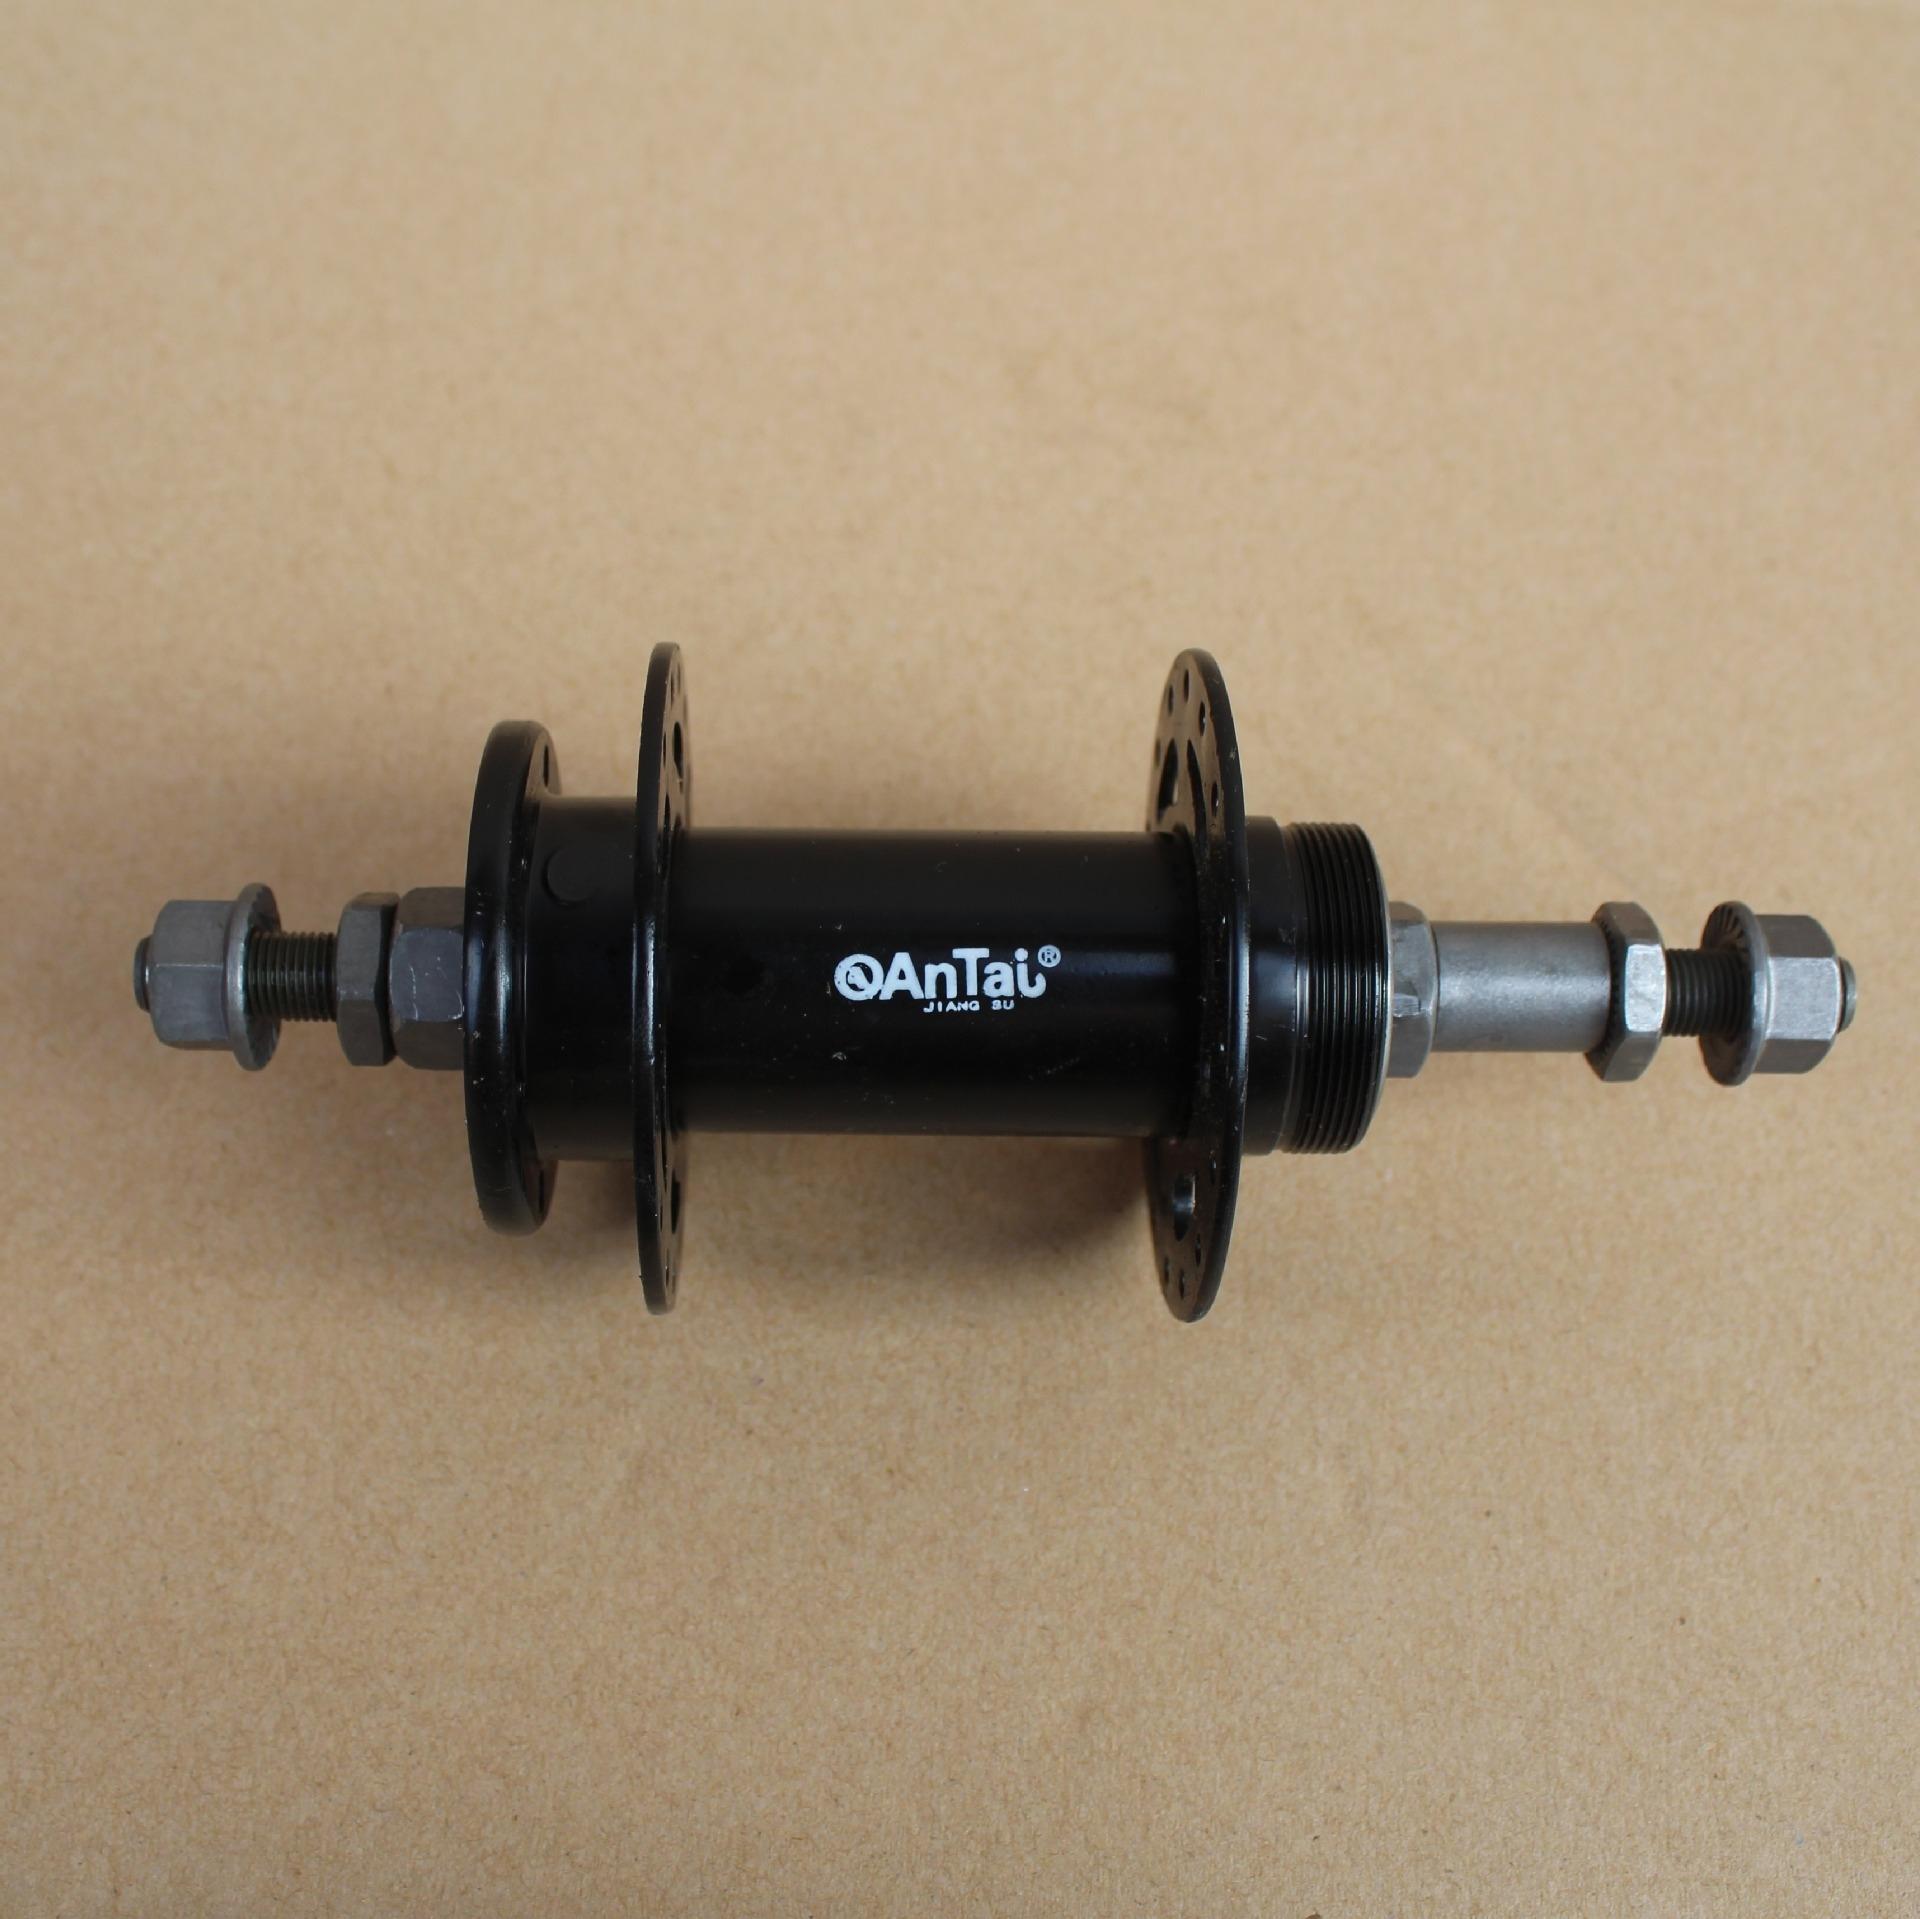 最小采购量:1件 用途:自行车轮毂 材质:铁 产品详情 旋式2培林铁花鼓图片